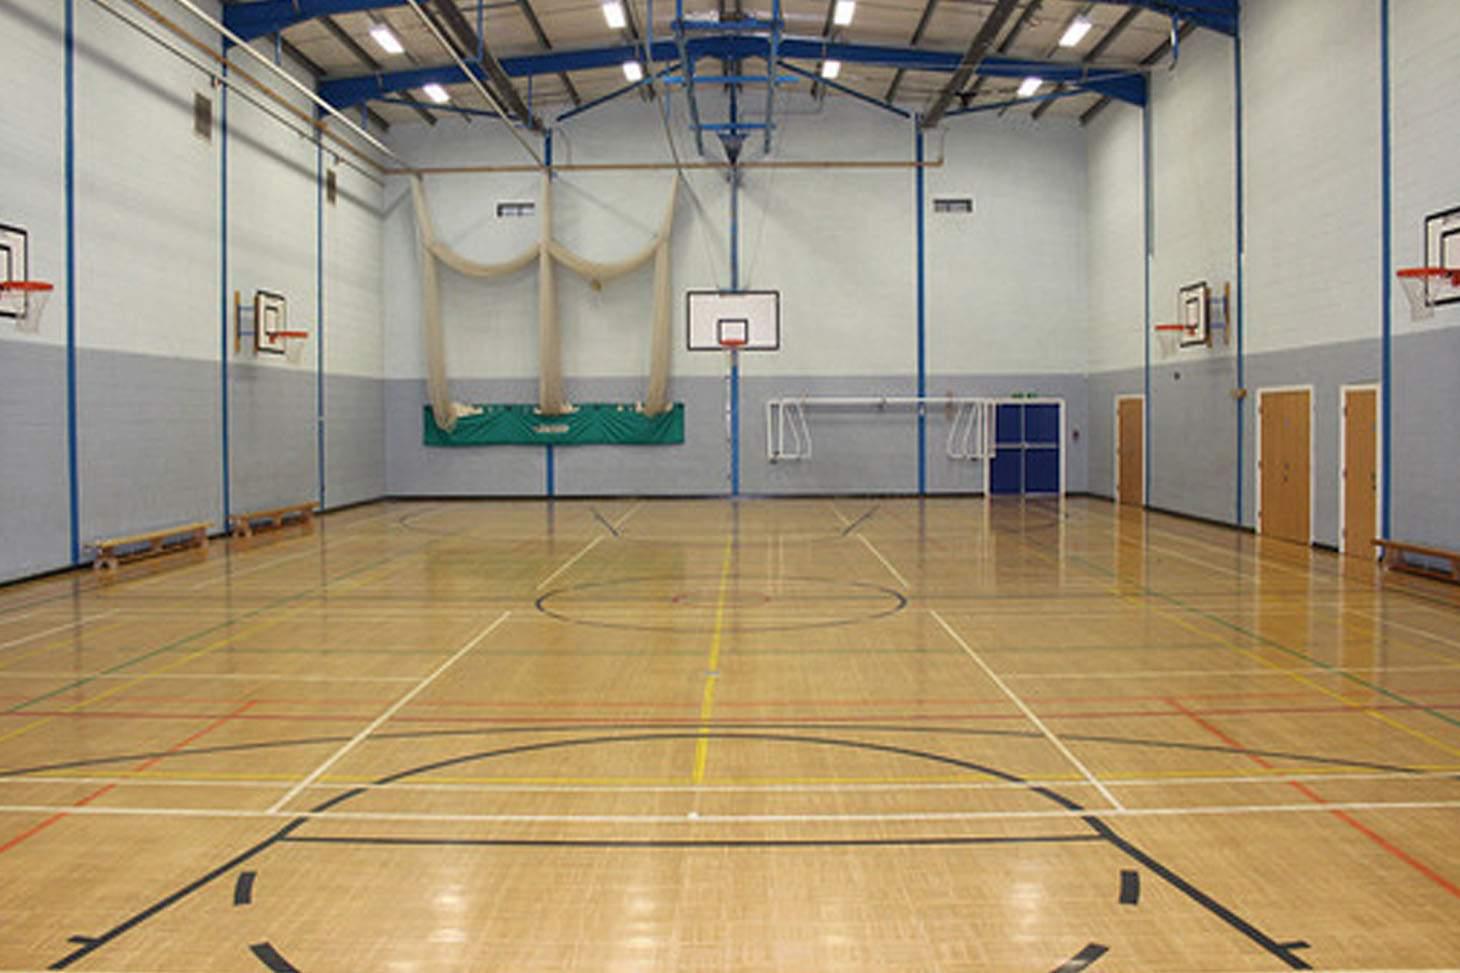 St. James's C of E High School Indoor basketball court